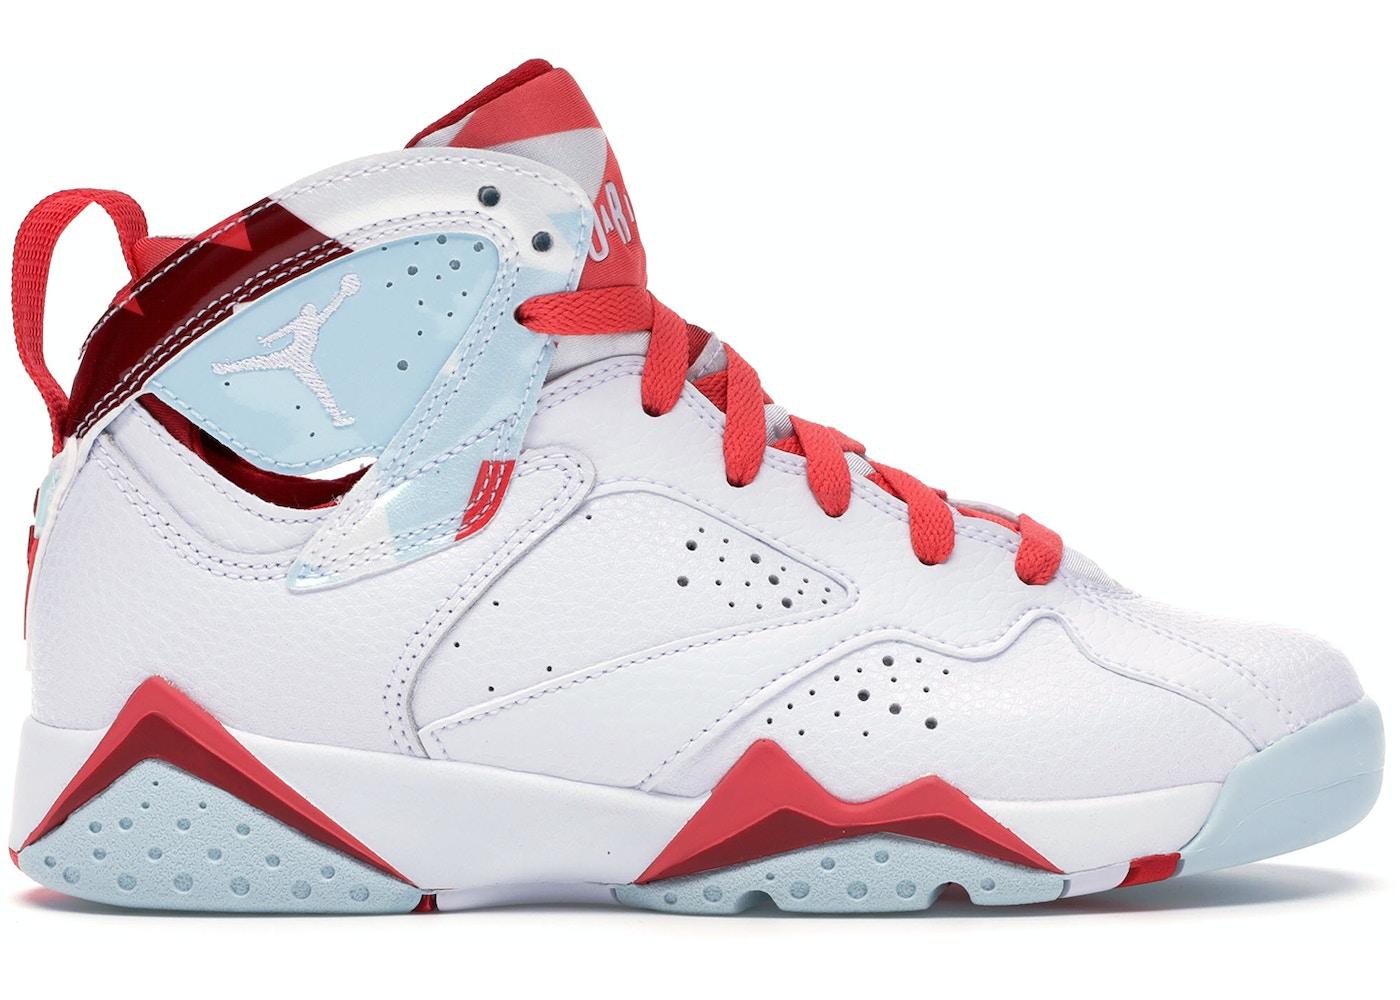 buy online 03a26 bb899 Buy Air Jordan 7 Shoes & Deadstock Sneakers